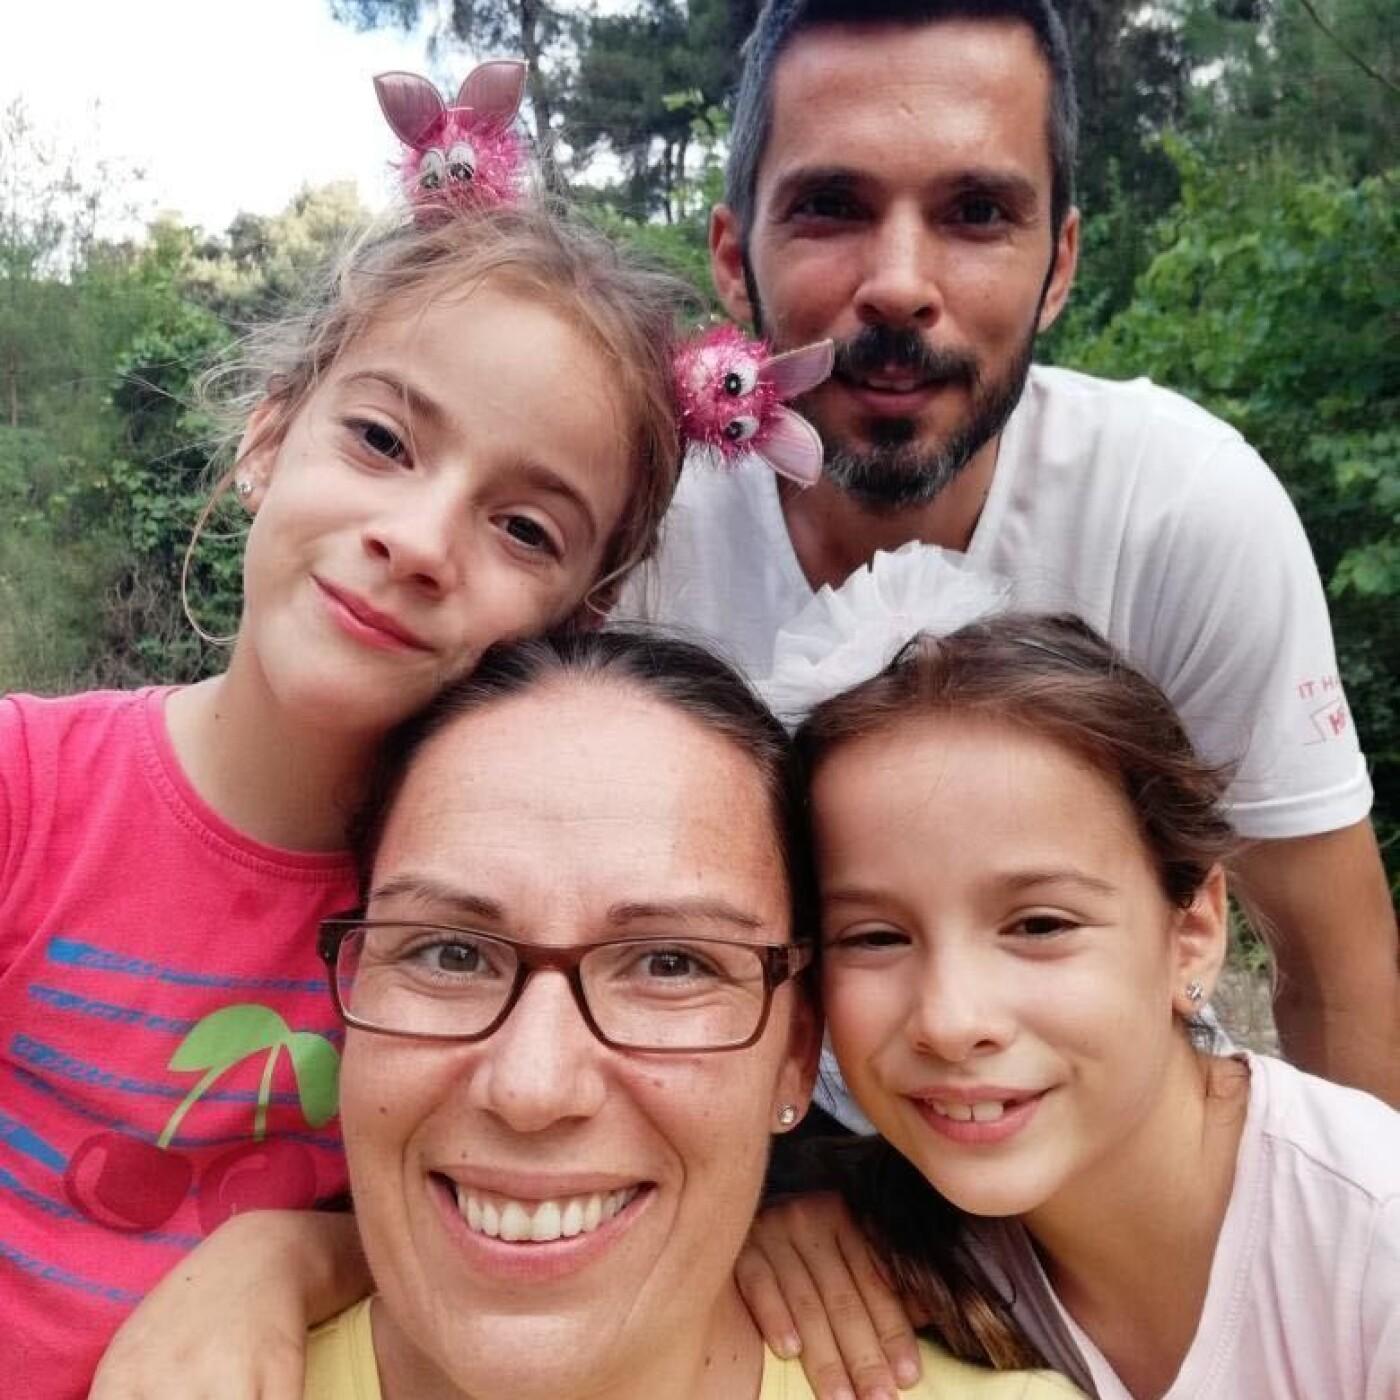 Coucou Les Filles #15 - Aurélie est en Turquie ou l'enfant est Roi - 24 02 2021 - StereoChic Radio